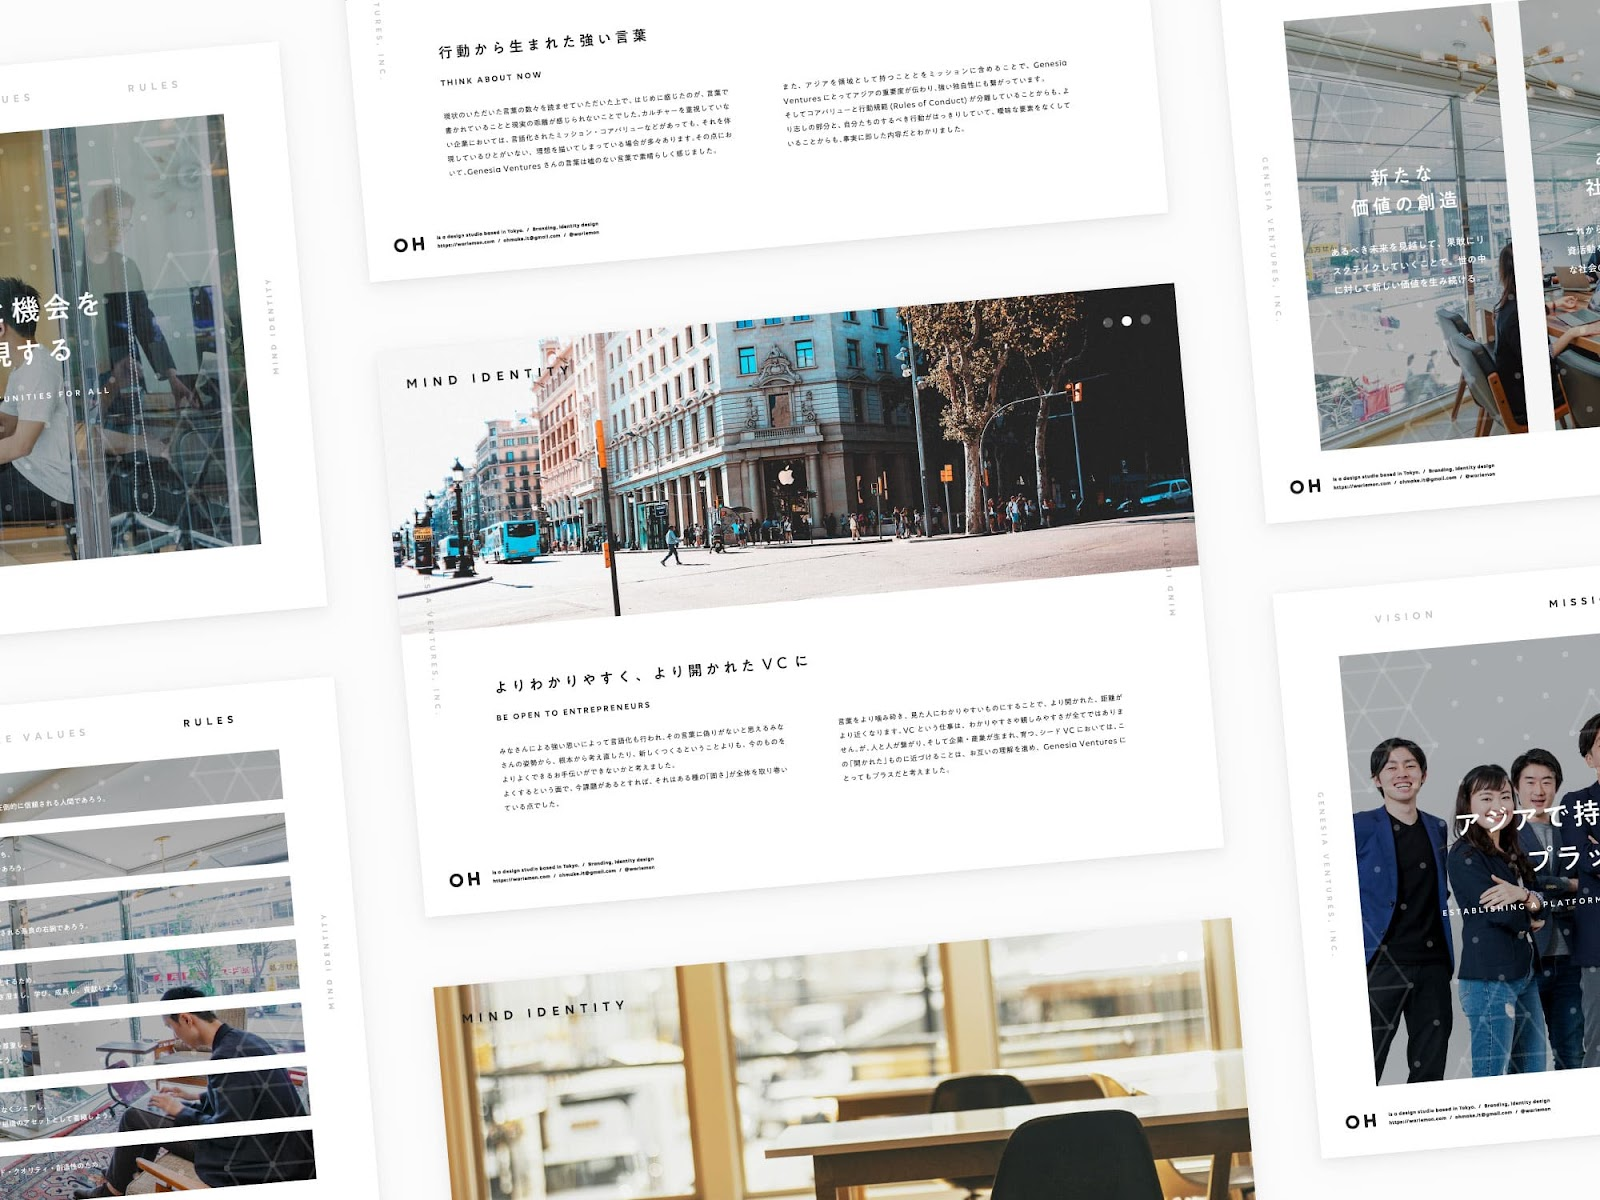 アジアを対象に投資をする『Genesia Ventures』 のプレゼンテーション資料